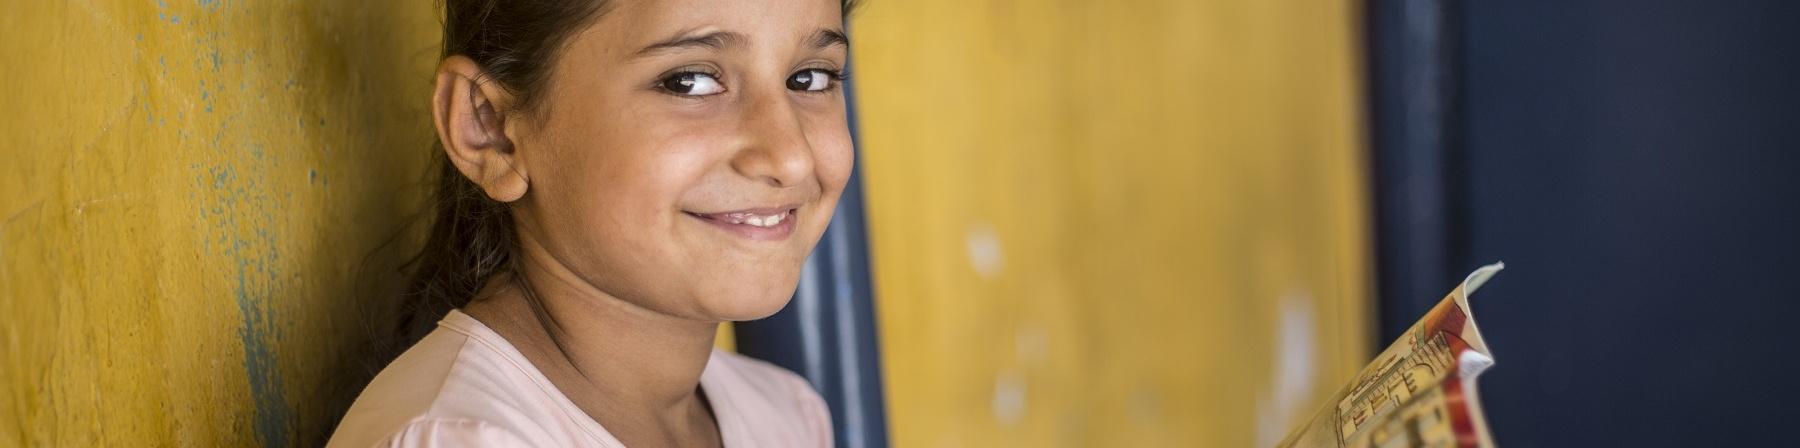 Bambina sorridente guarda in camera mentre tiene in mano un libro aperto e colorato